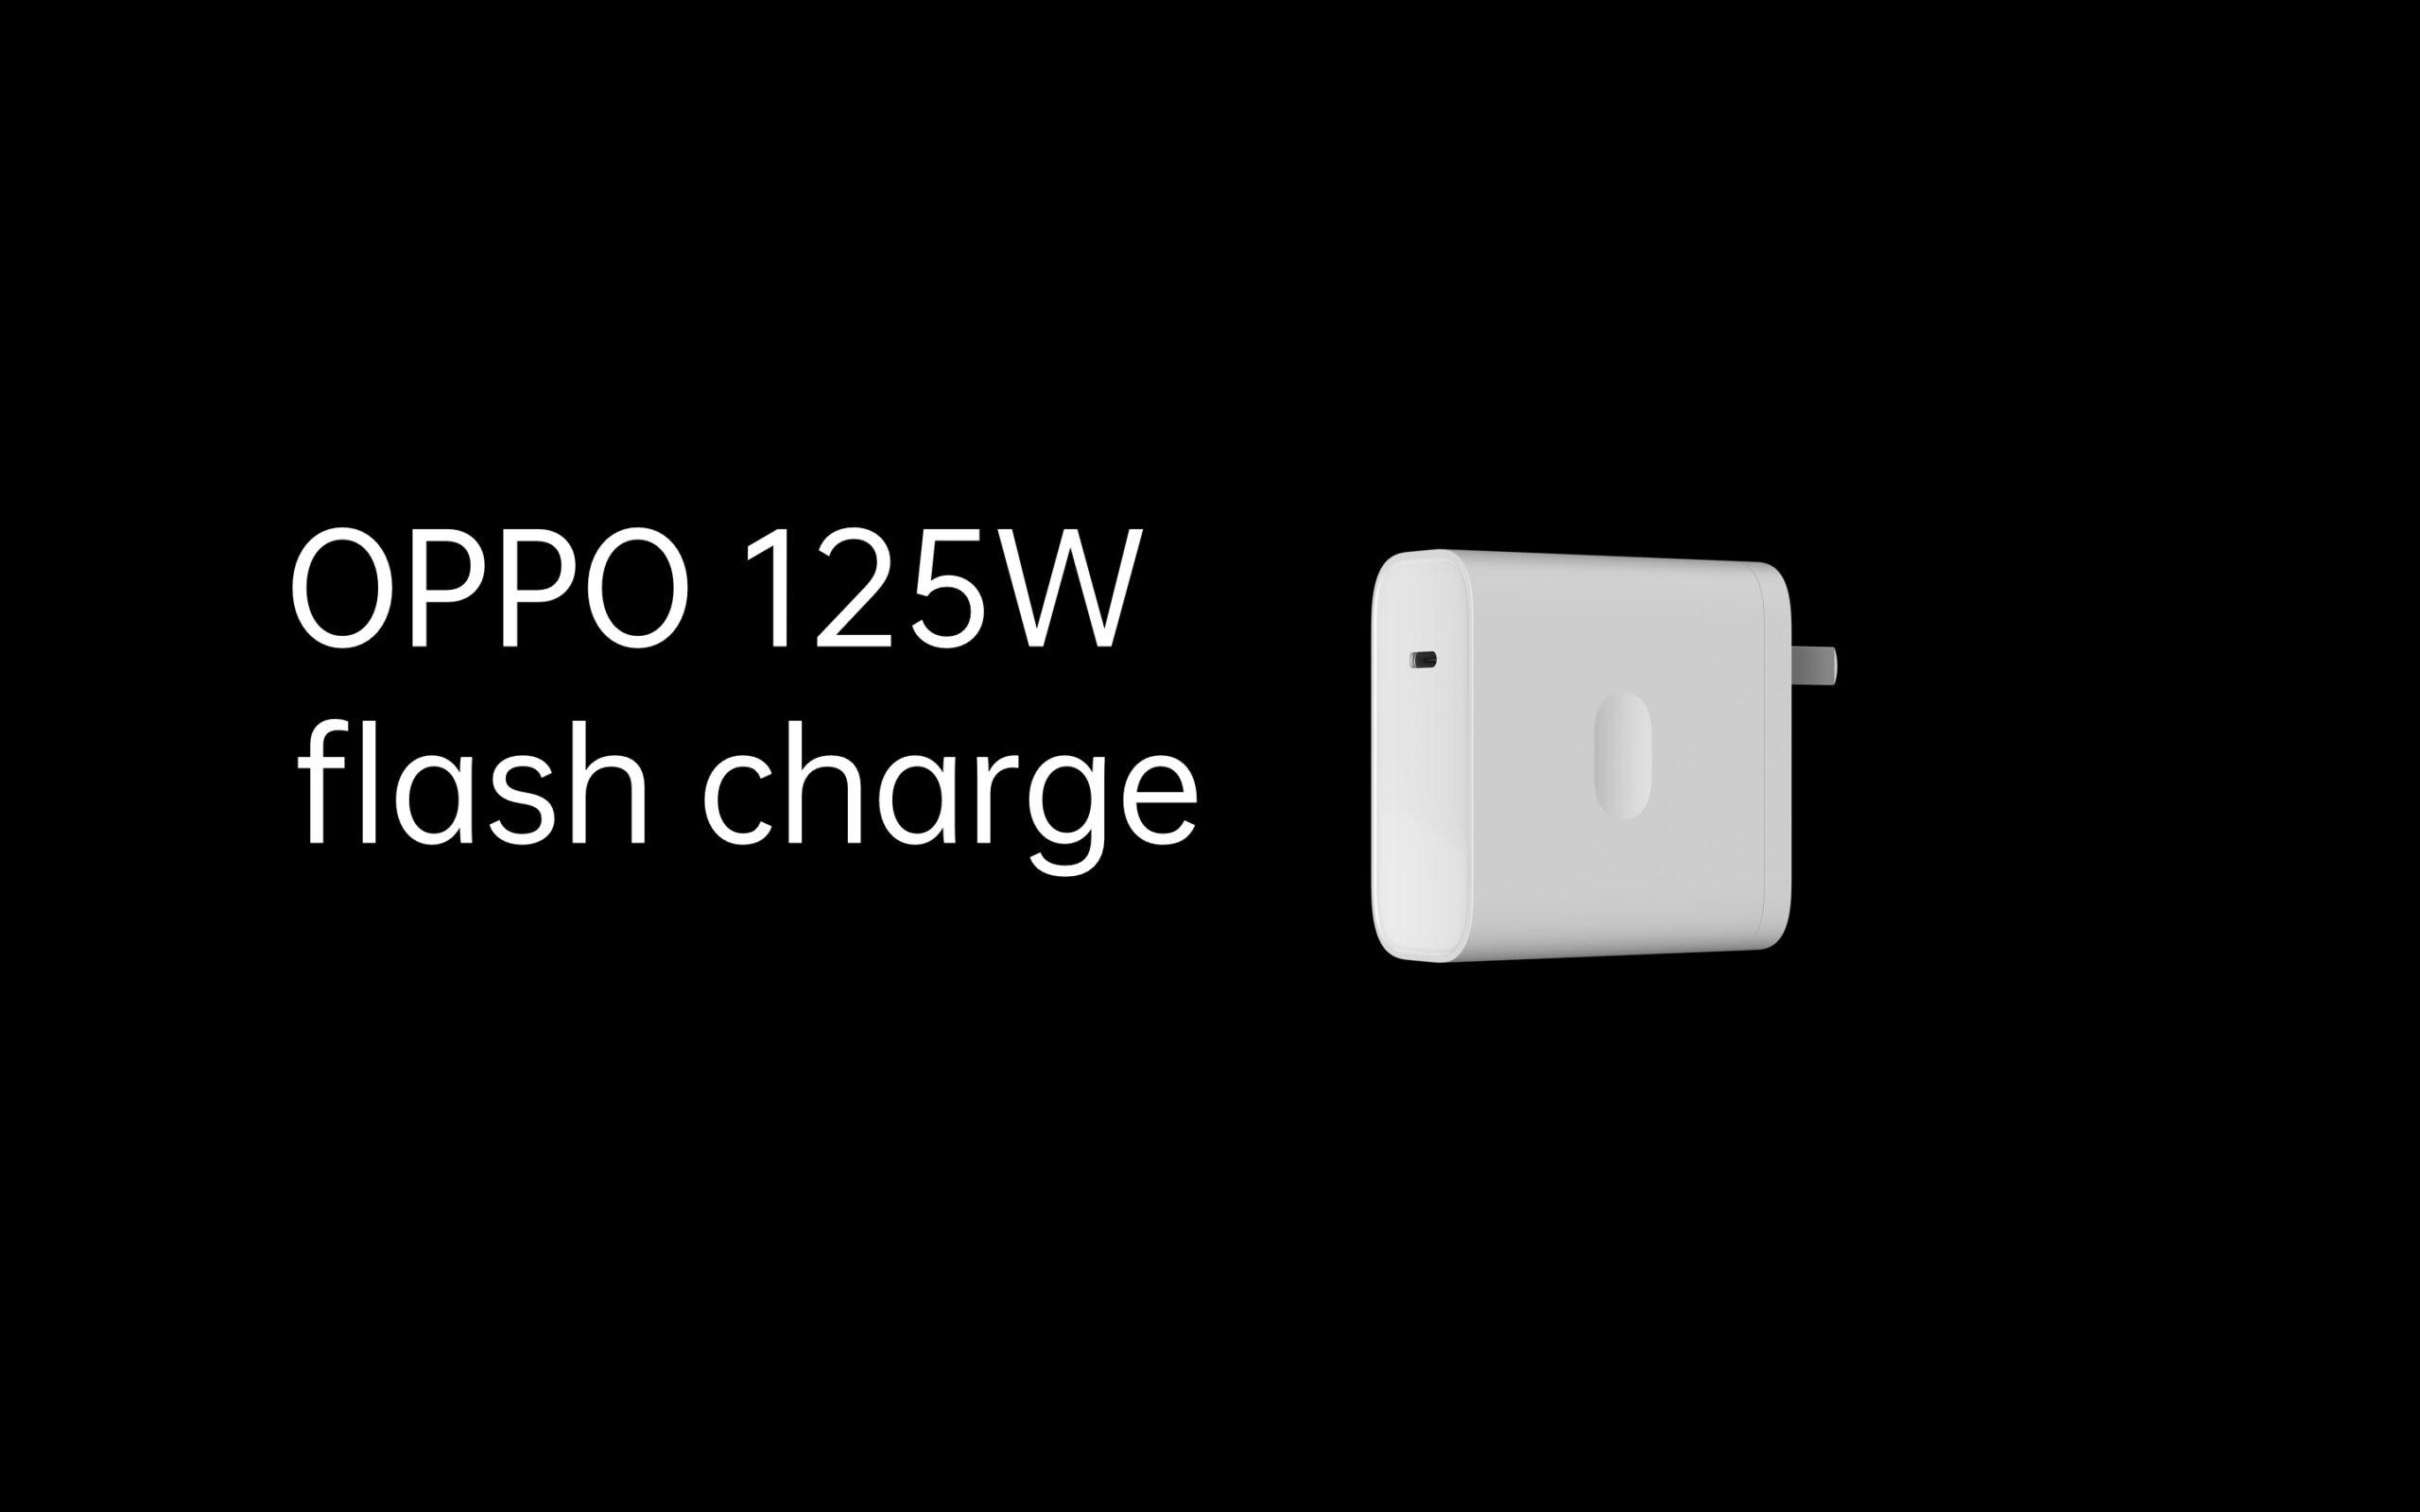 OPPO svela la ricarica rapida da 125 W e wireless da 65 W